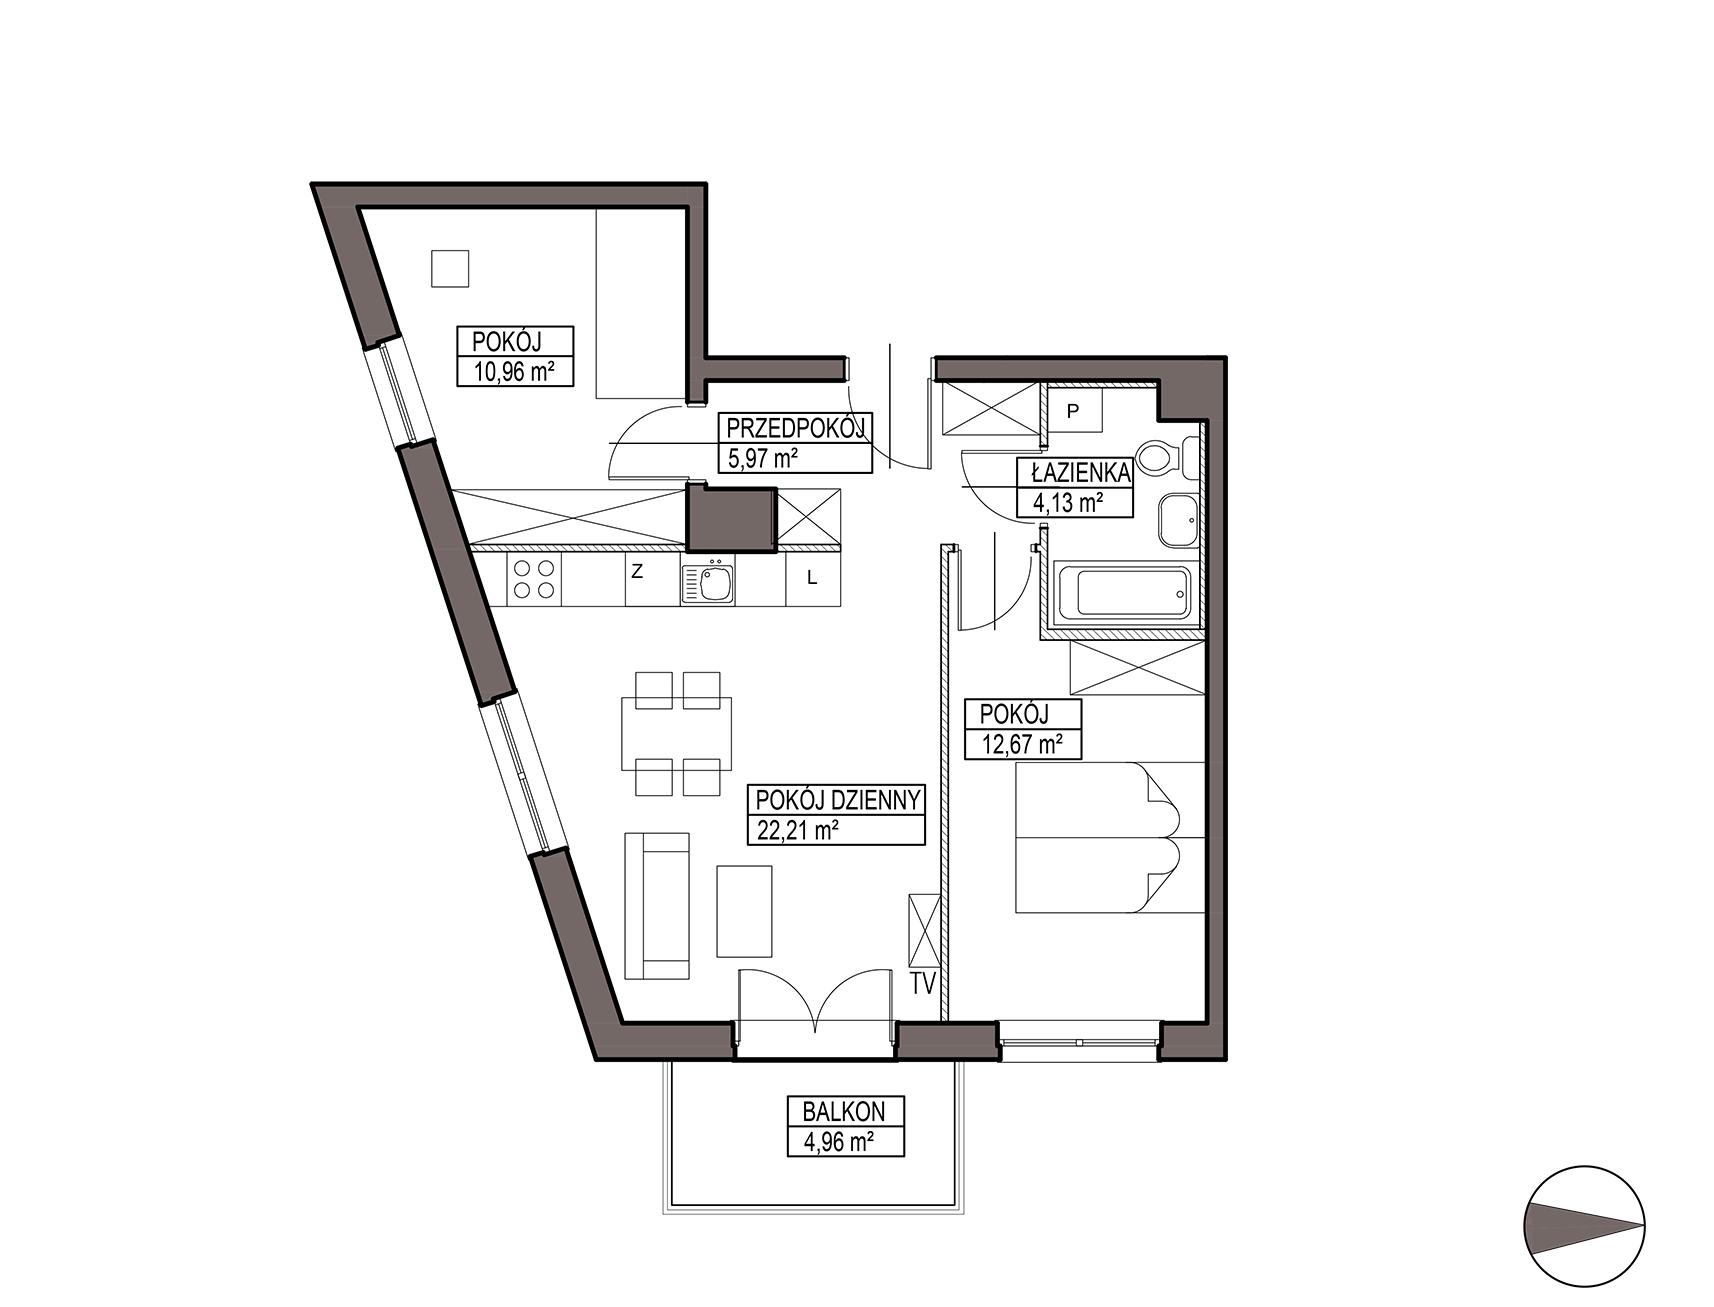 Uroczysko III / budynek 5 / mieszkanie G/1/19 rzut 1